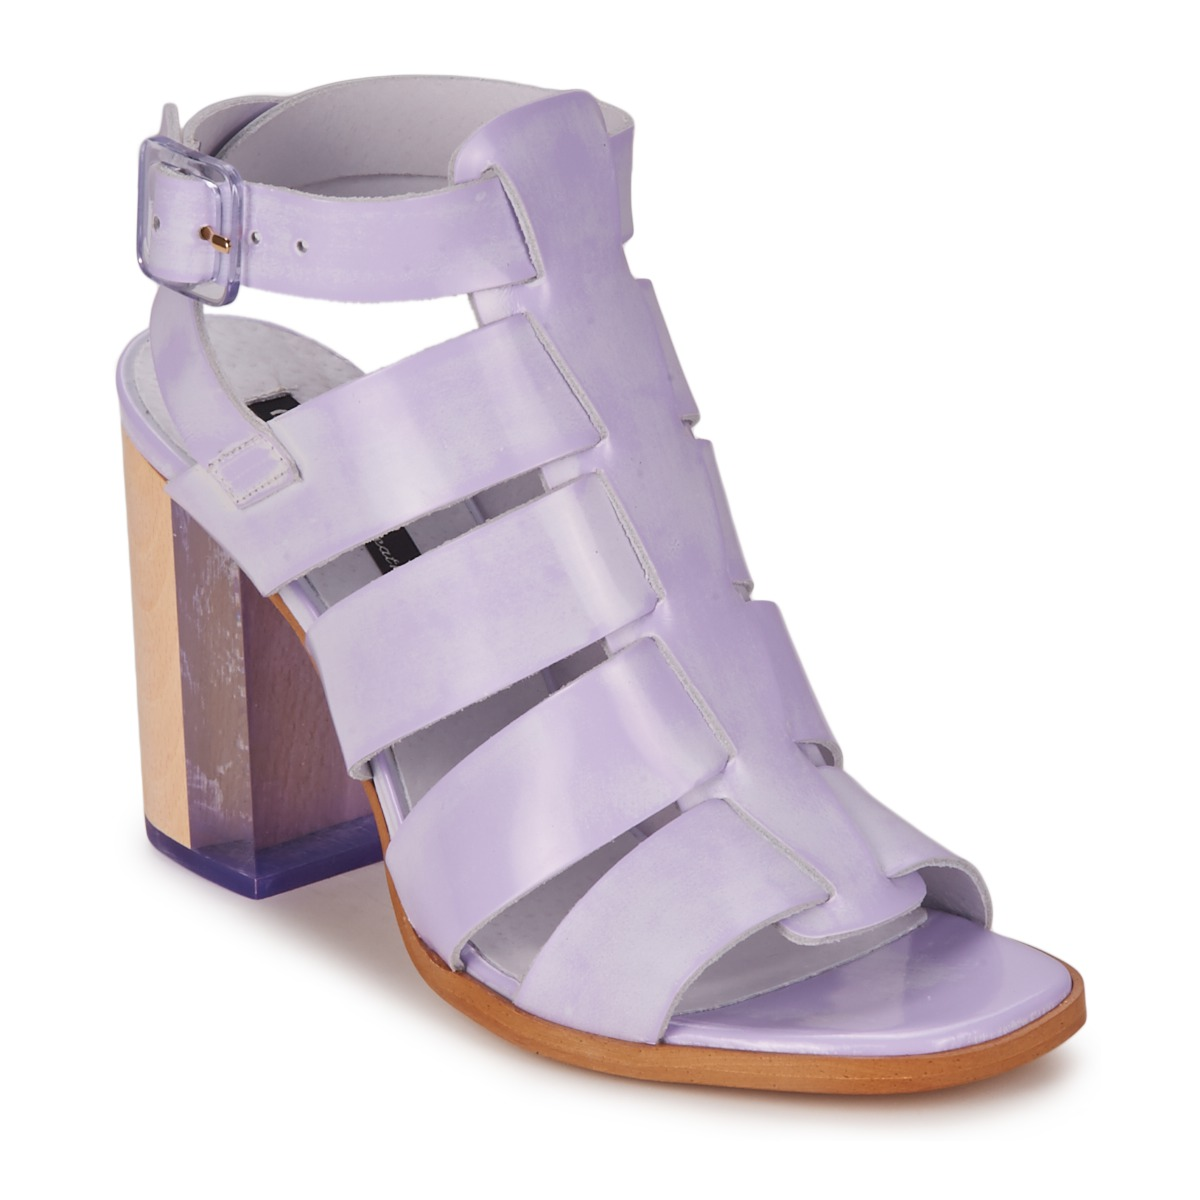 on sale 94166 556d3 ... Miista ISABELLA Lavendel - Kostenloser Versand bei Spartoode ! - Schuhe  Sandalen   Sandaletten Damen 132